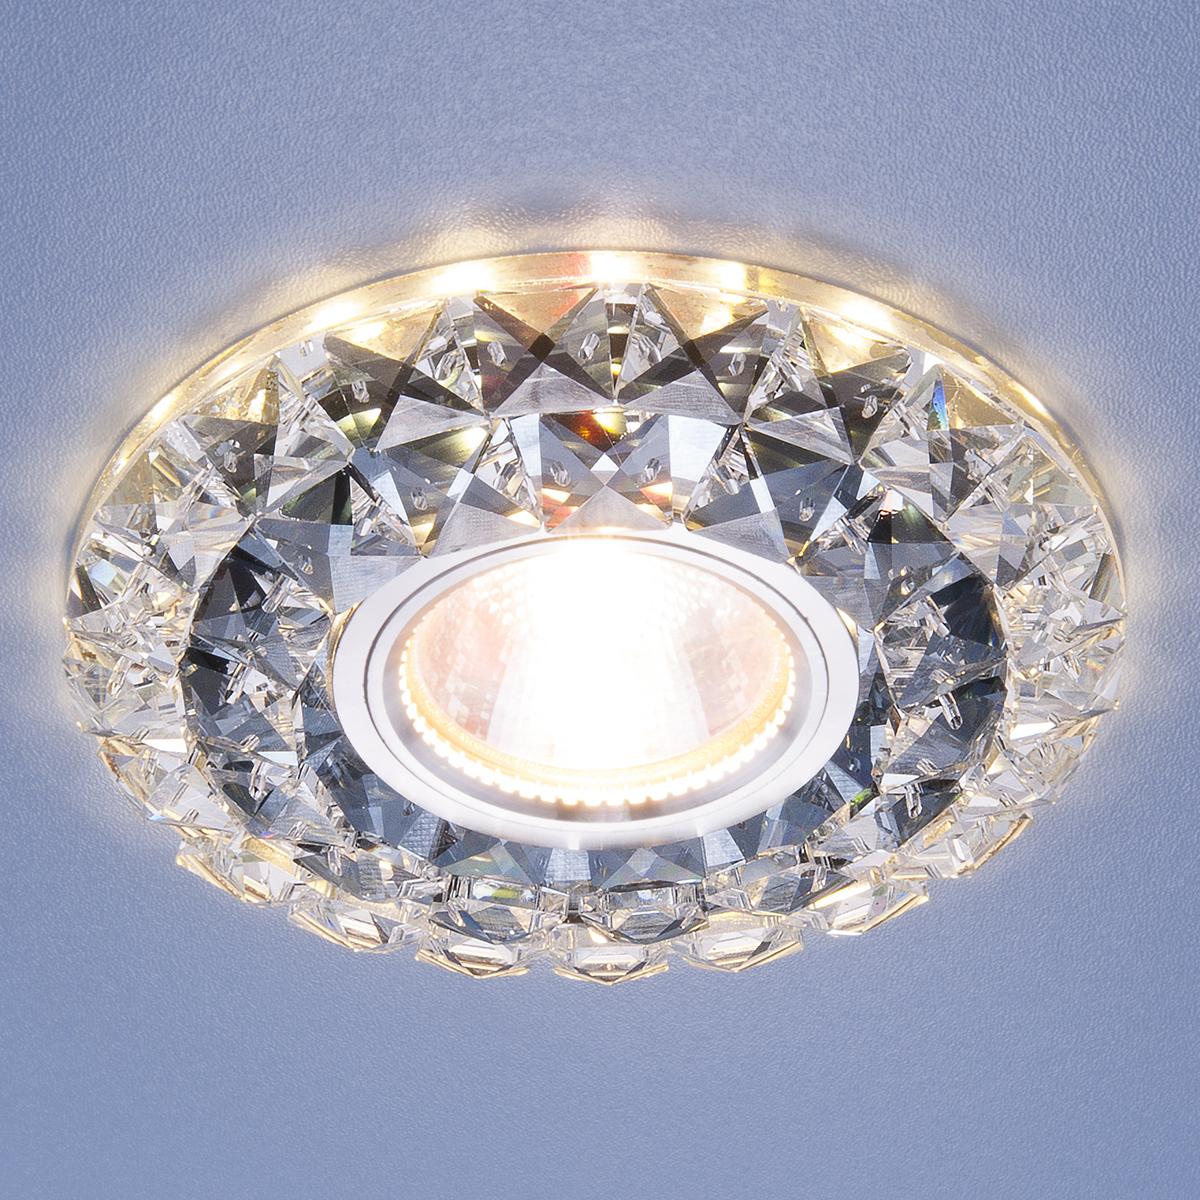 цены на Встраиваемый светильник Elektrostandard потолочный со светодиодной подсветкой 2170 MR16 SBK CL, G5.3 в интернет-магазинах